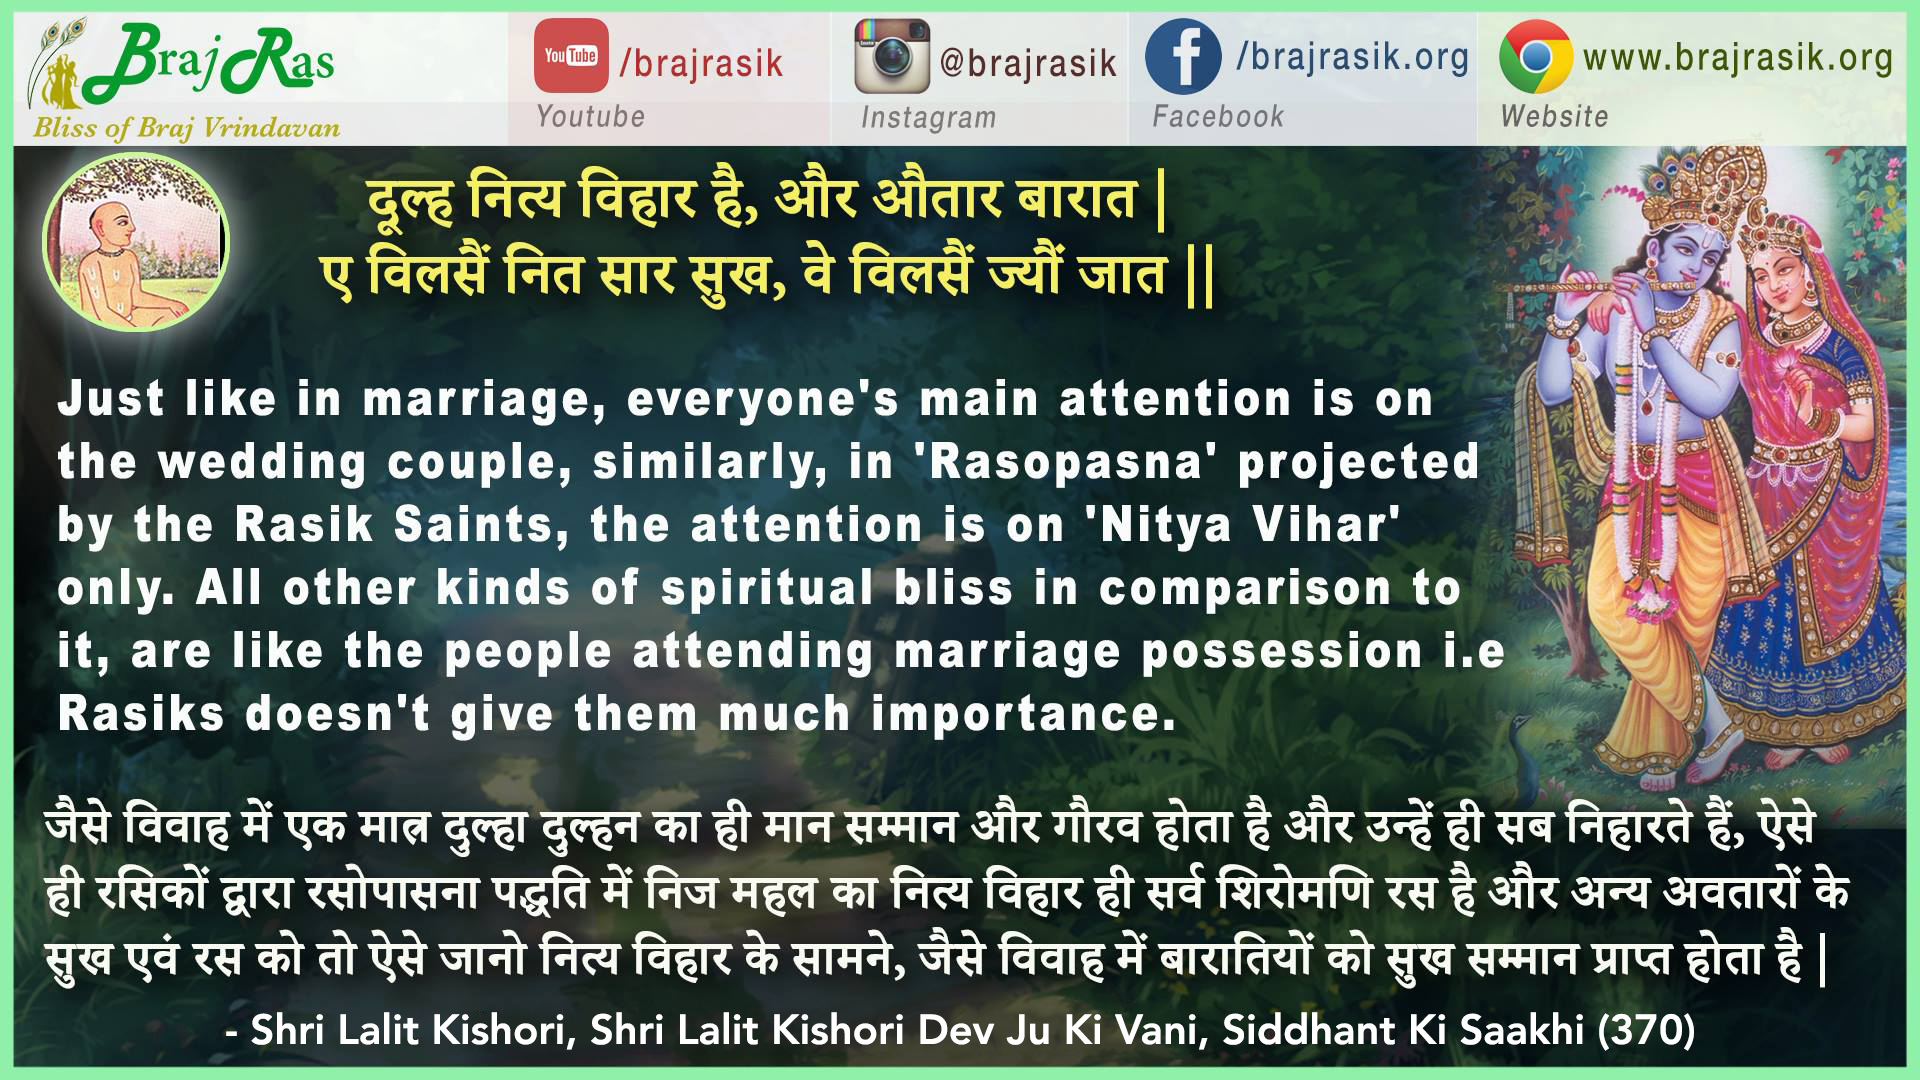 Dulha Nitya Vihaar Hai, Aur Avtaar Baraat - Shri Lalit Kishori, Abhilash Madhuri